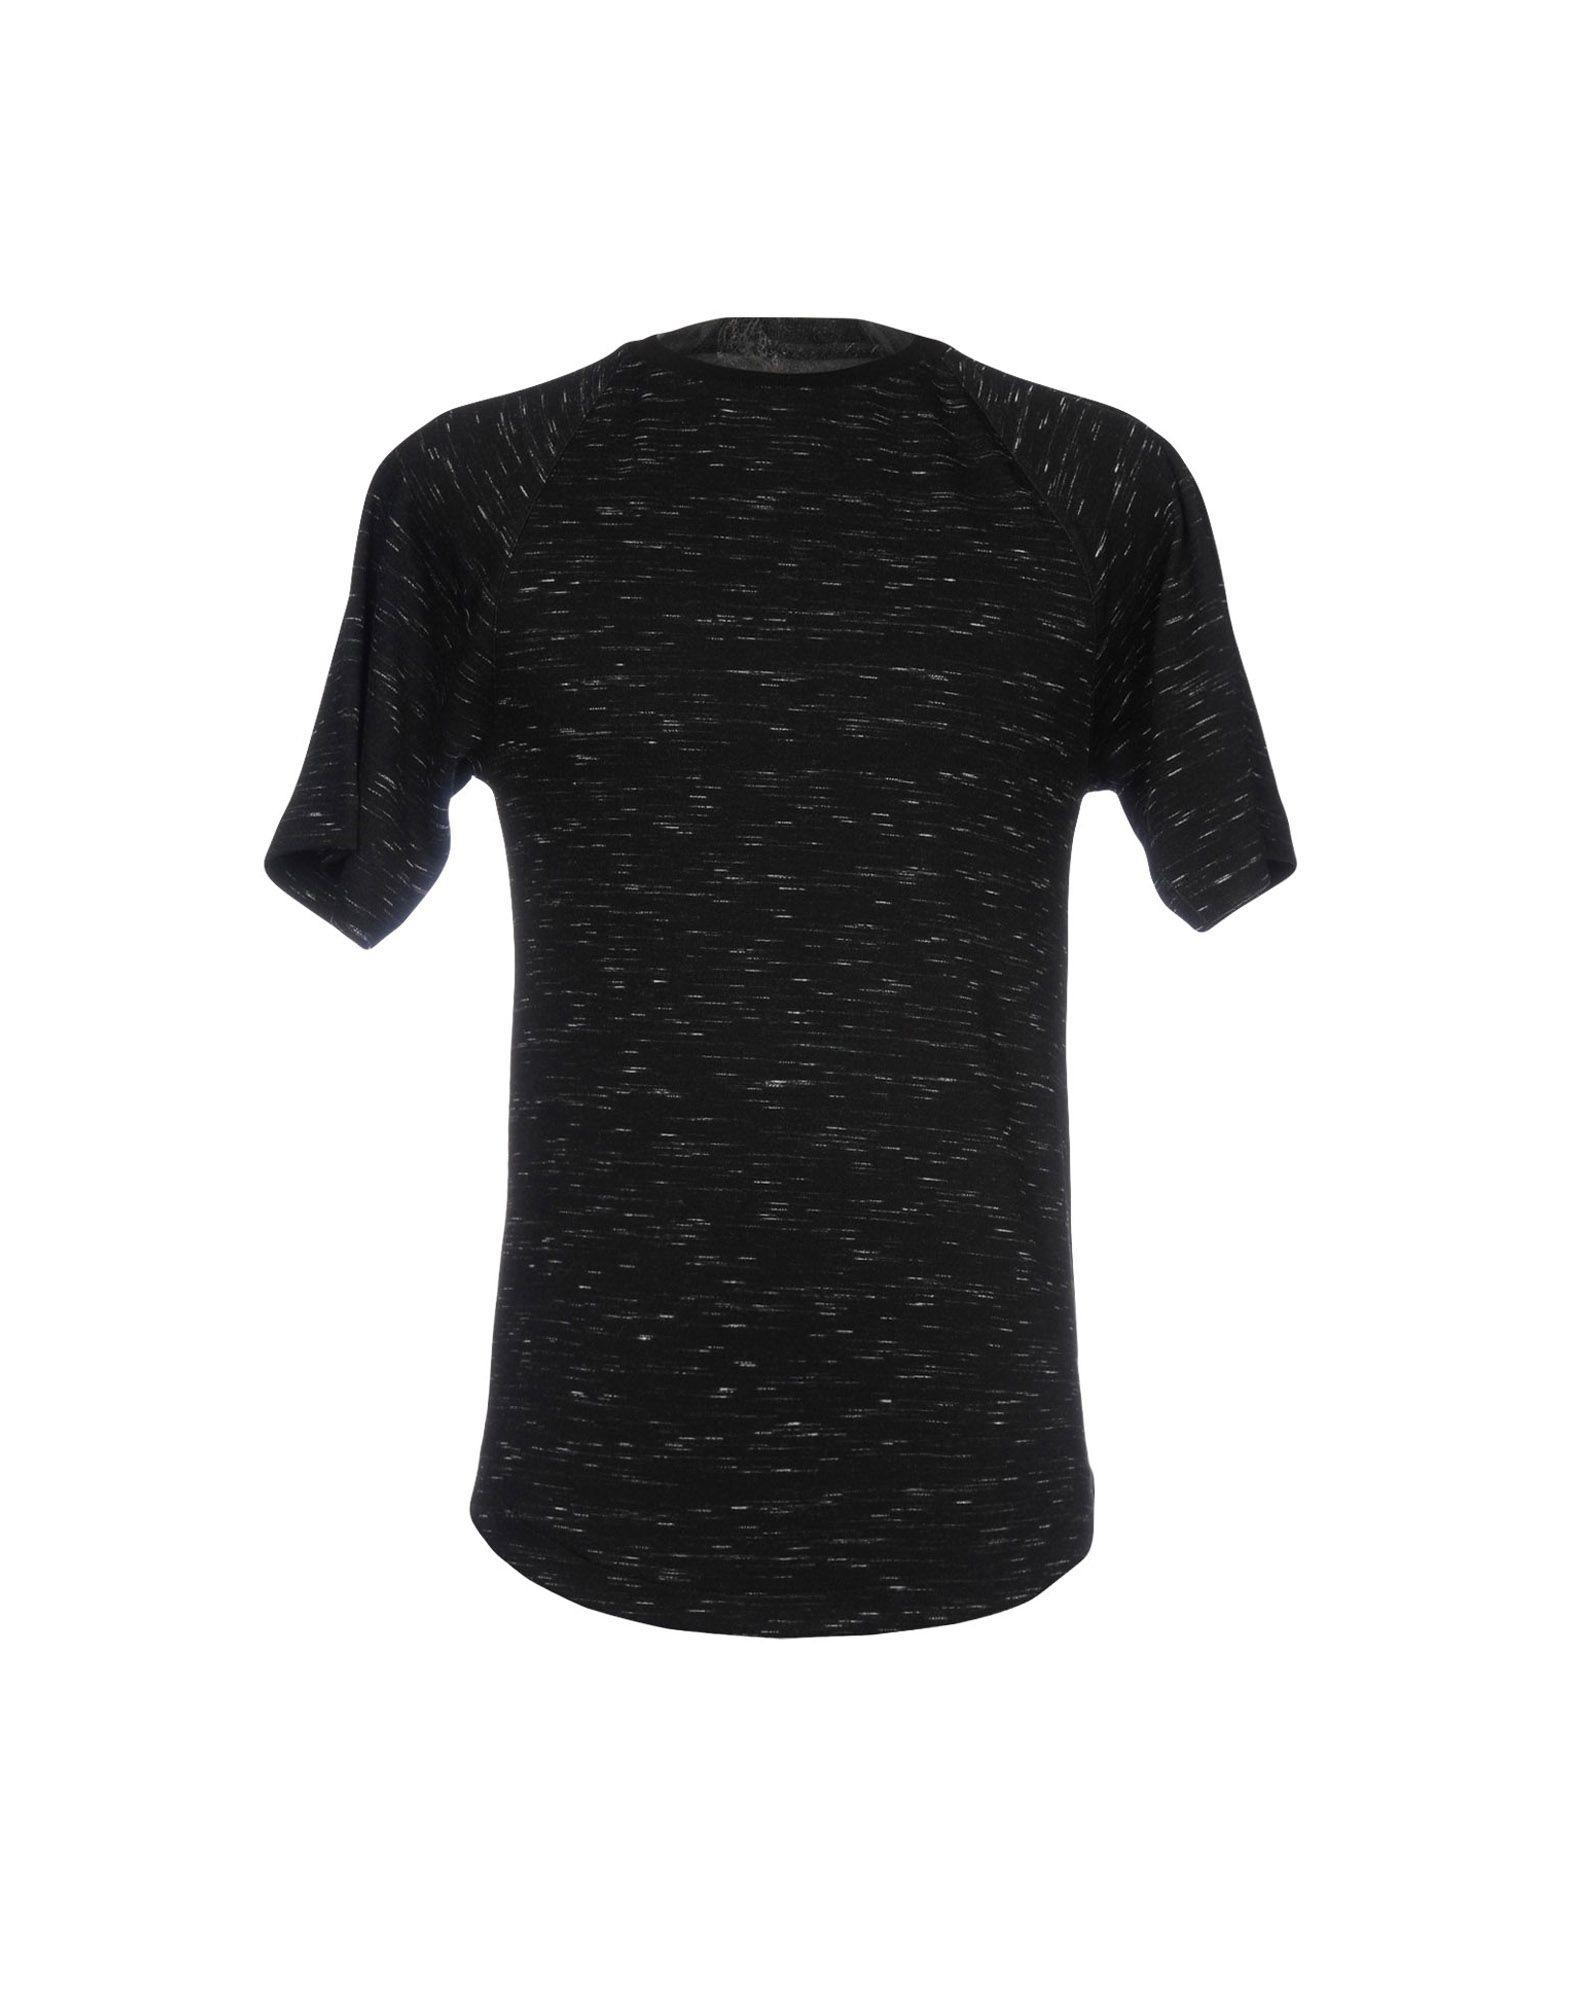 Public School T-Shirt In Black